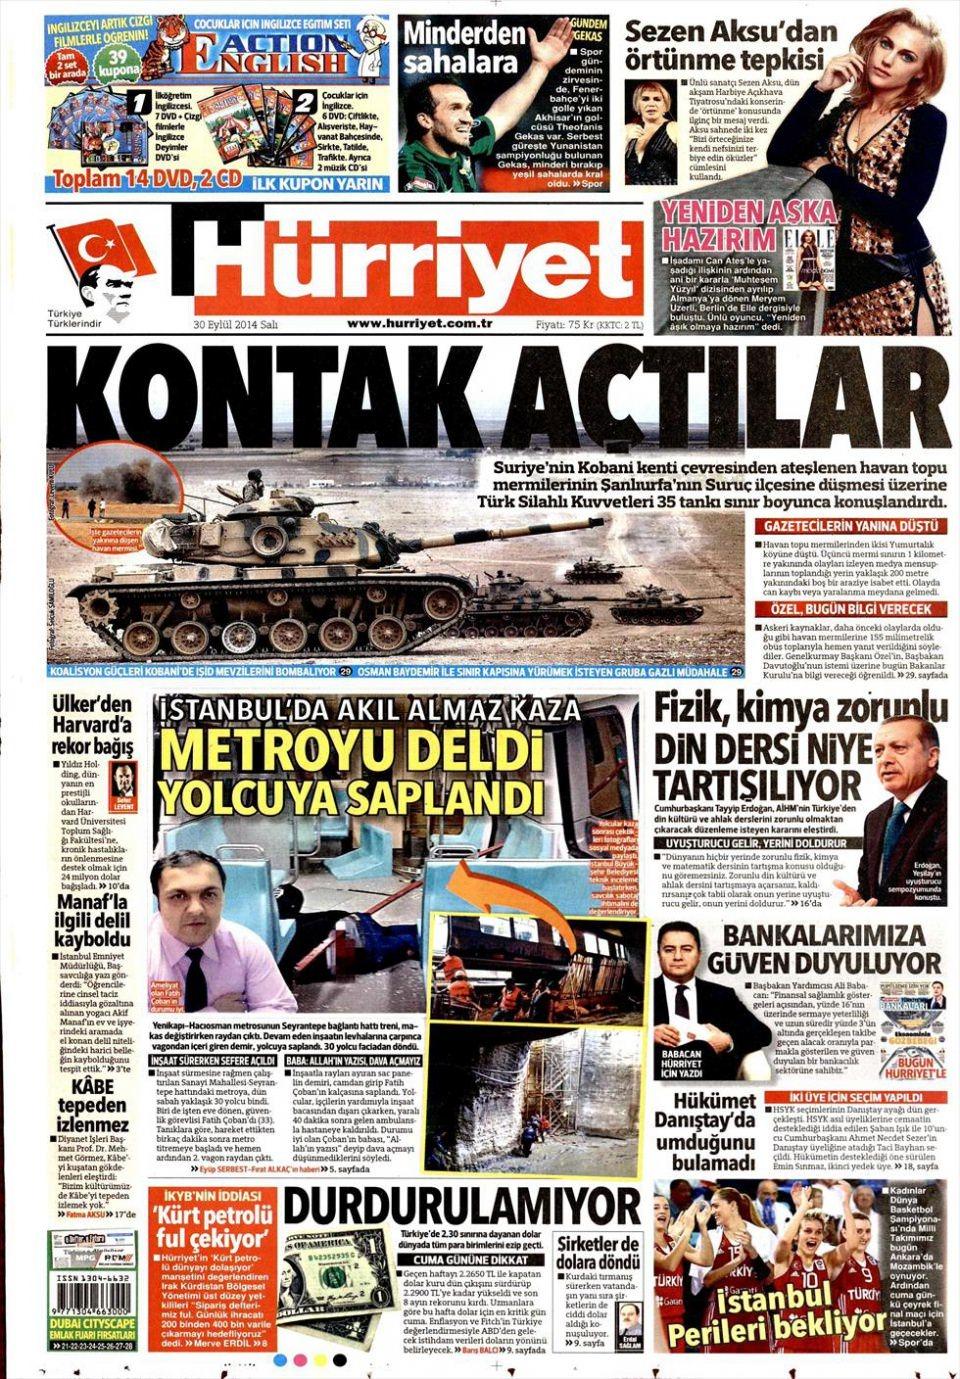 30 Eylül 2014 gazete manşetleri 11